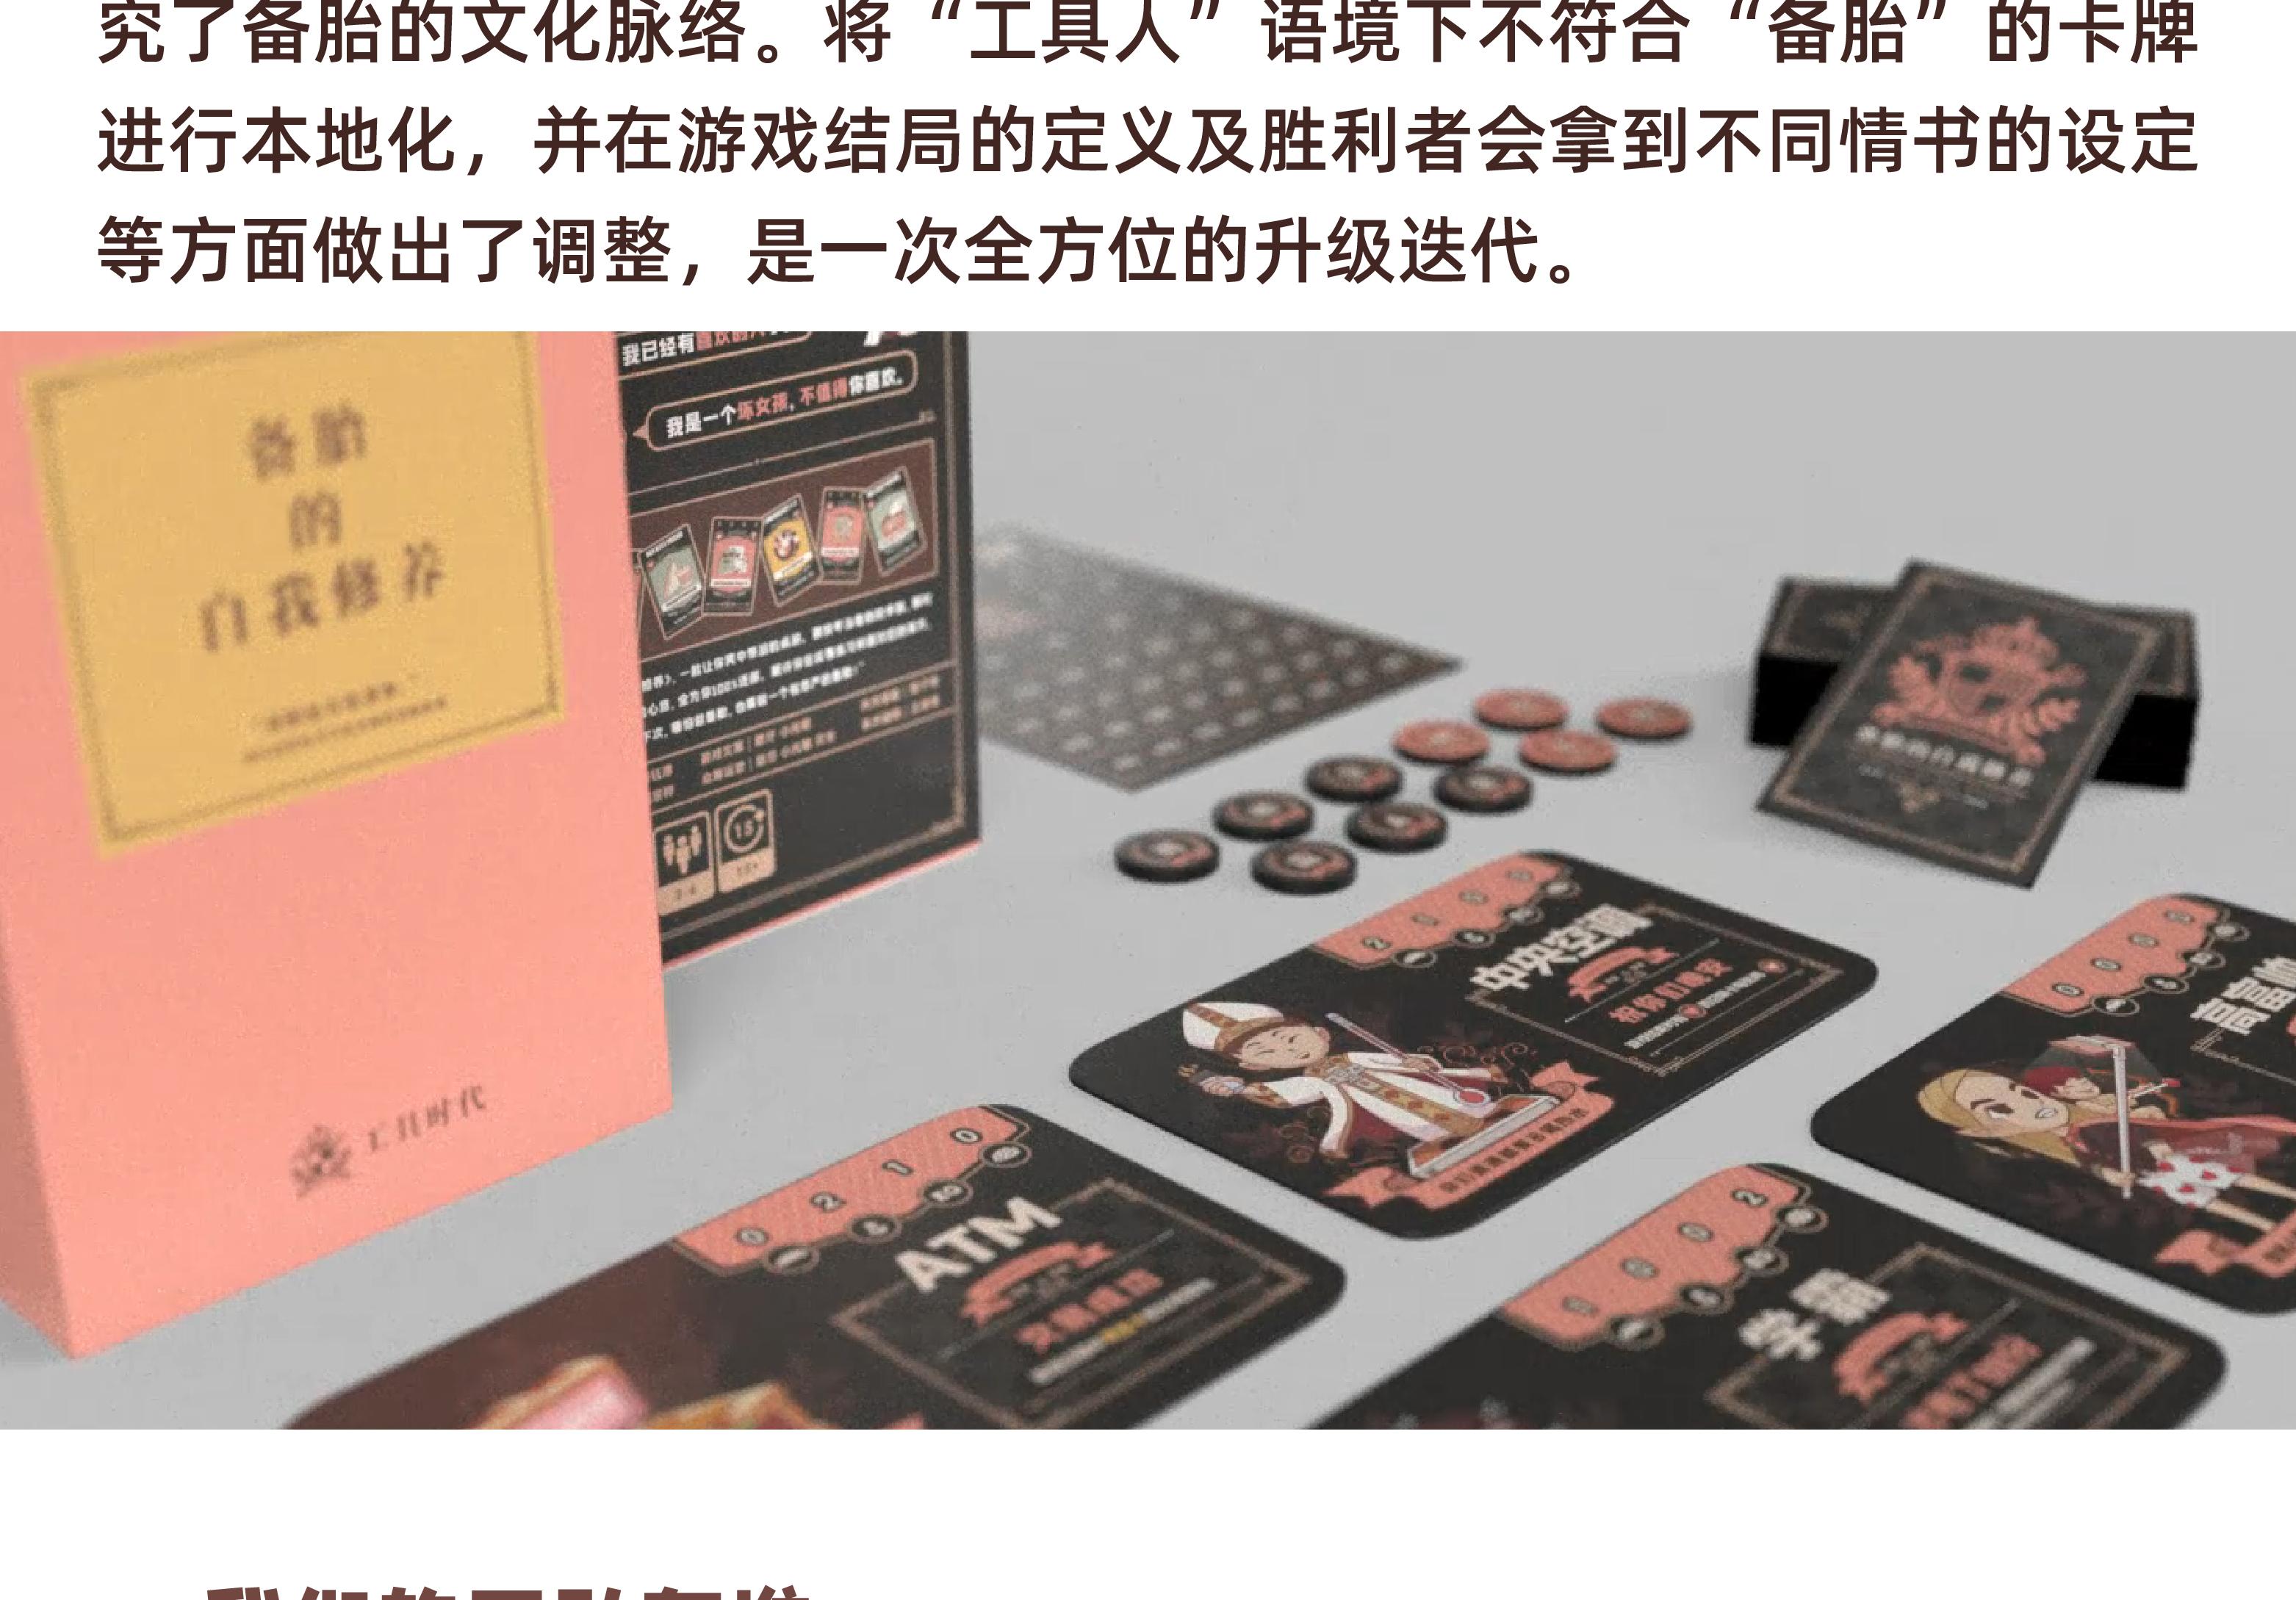 20190904-众筹封面-详情_画板-1_18.jpg